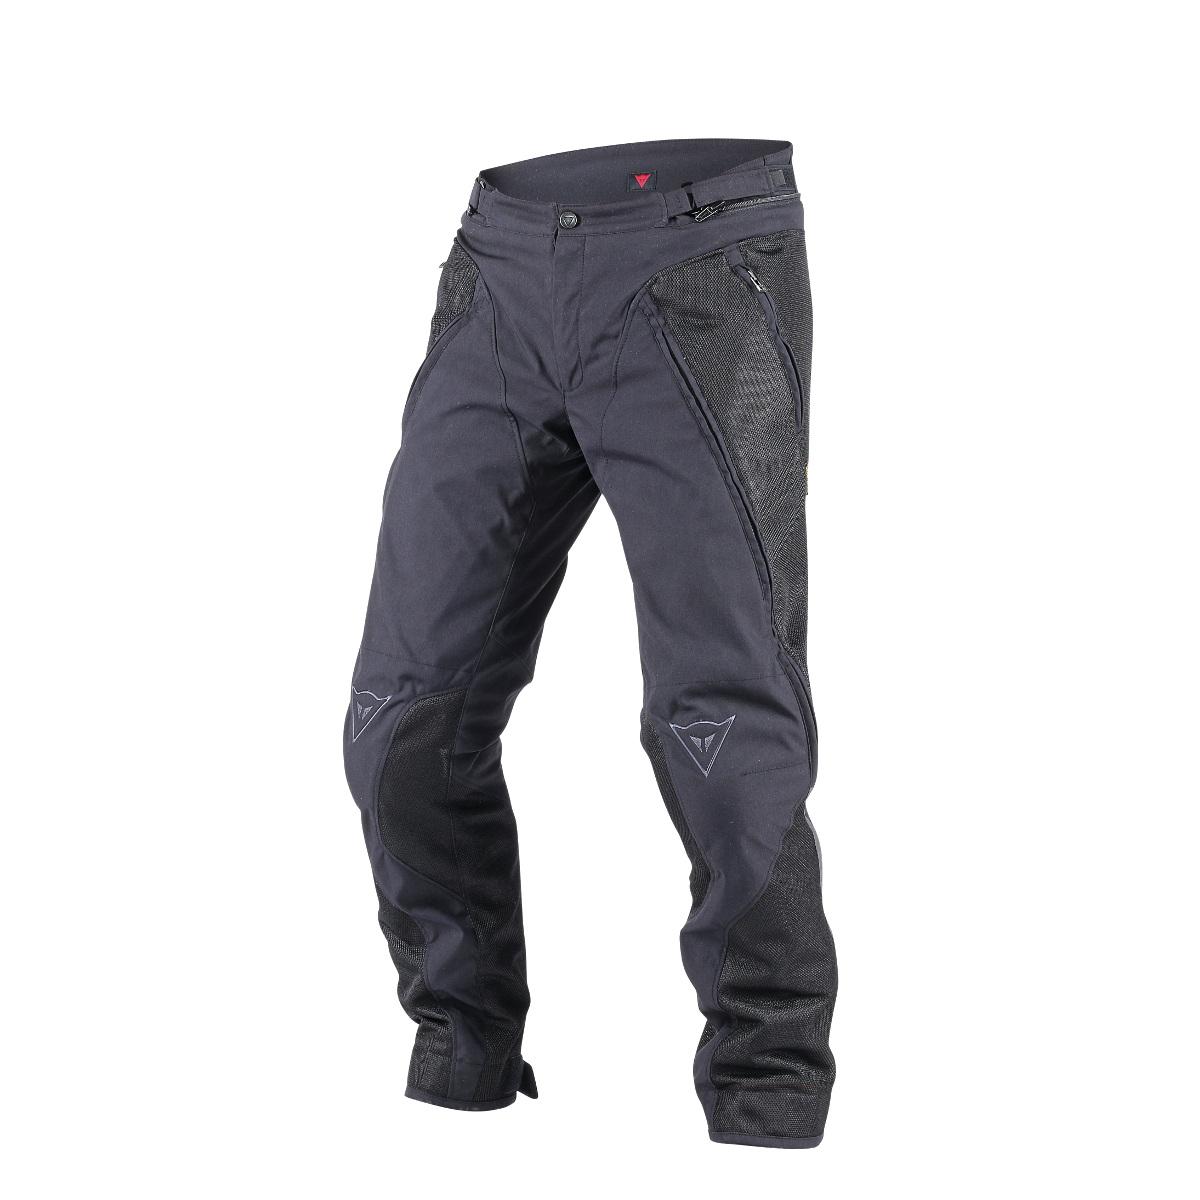 pantalon dainese over flux d dry noir pantalon moto homme japauto accessoires. Black Bedroom Furniture Sets. Home Design Ideas